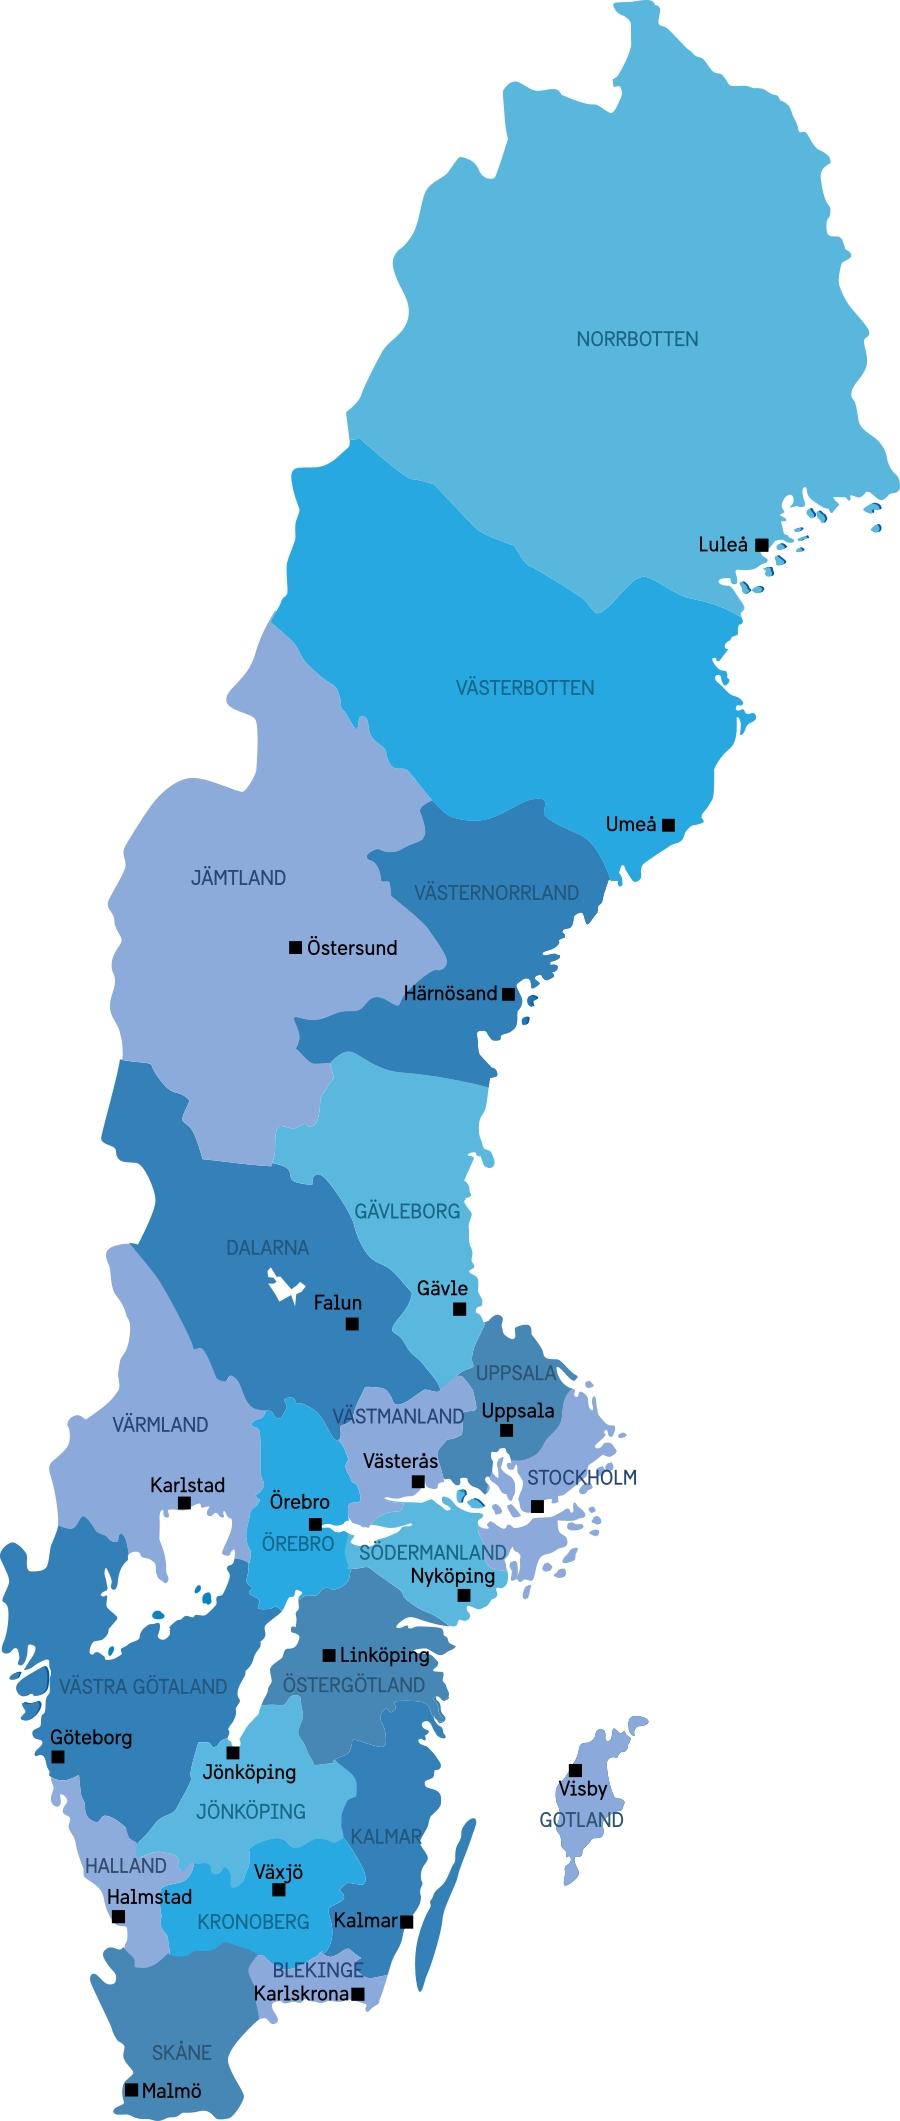 Los 21 condados de Suecia y sus respectivas capitales <br> sweetsweden.com